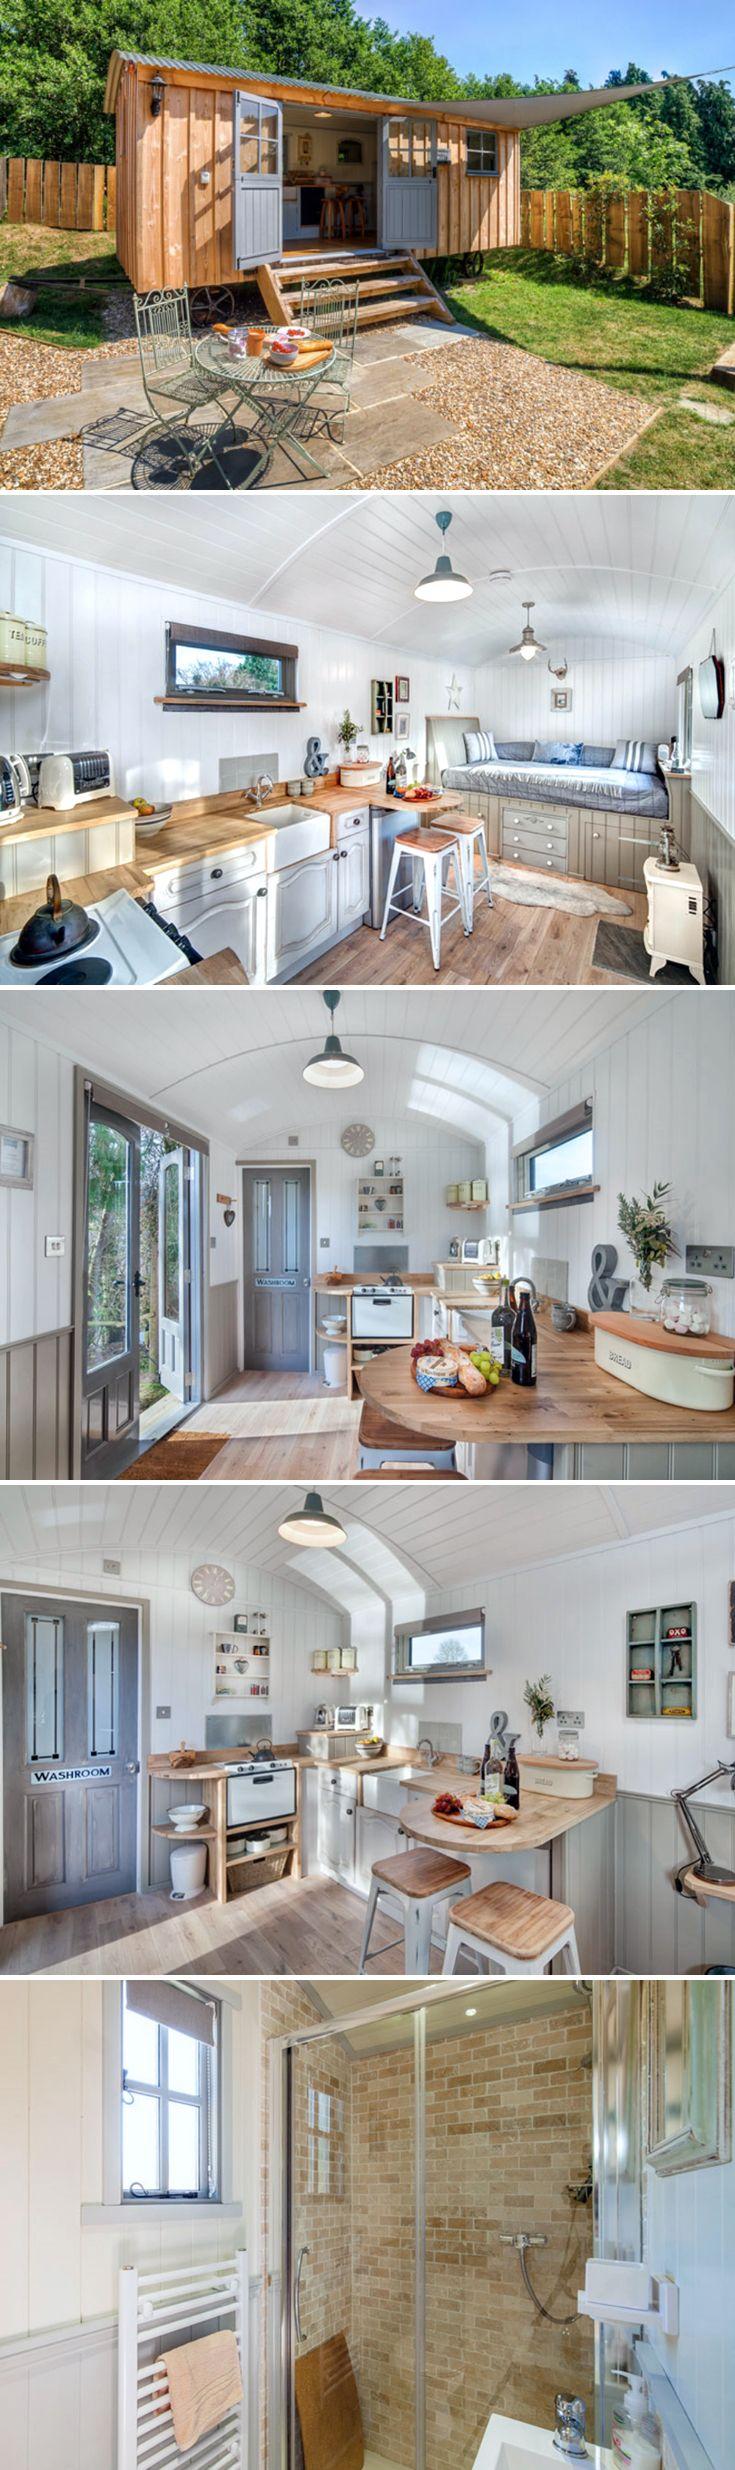 das bayview verfgt ber premium hartholz laminatbden ein hauptbodenbett mit staurumen und schubladen - Hartholz Oder Laminatboden